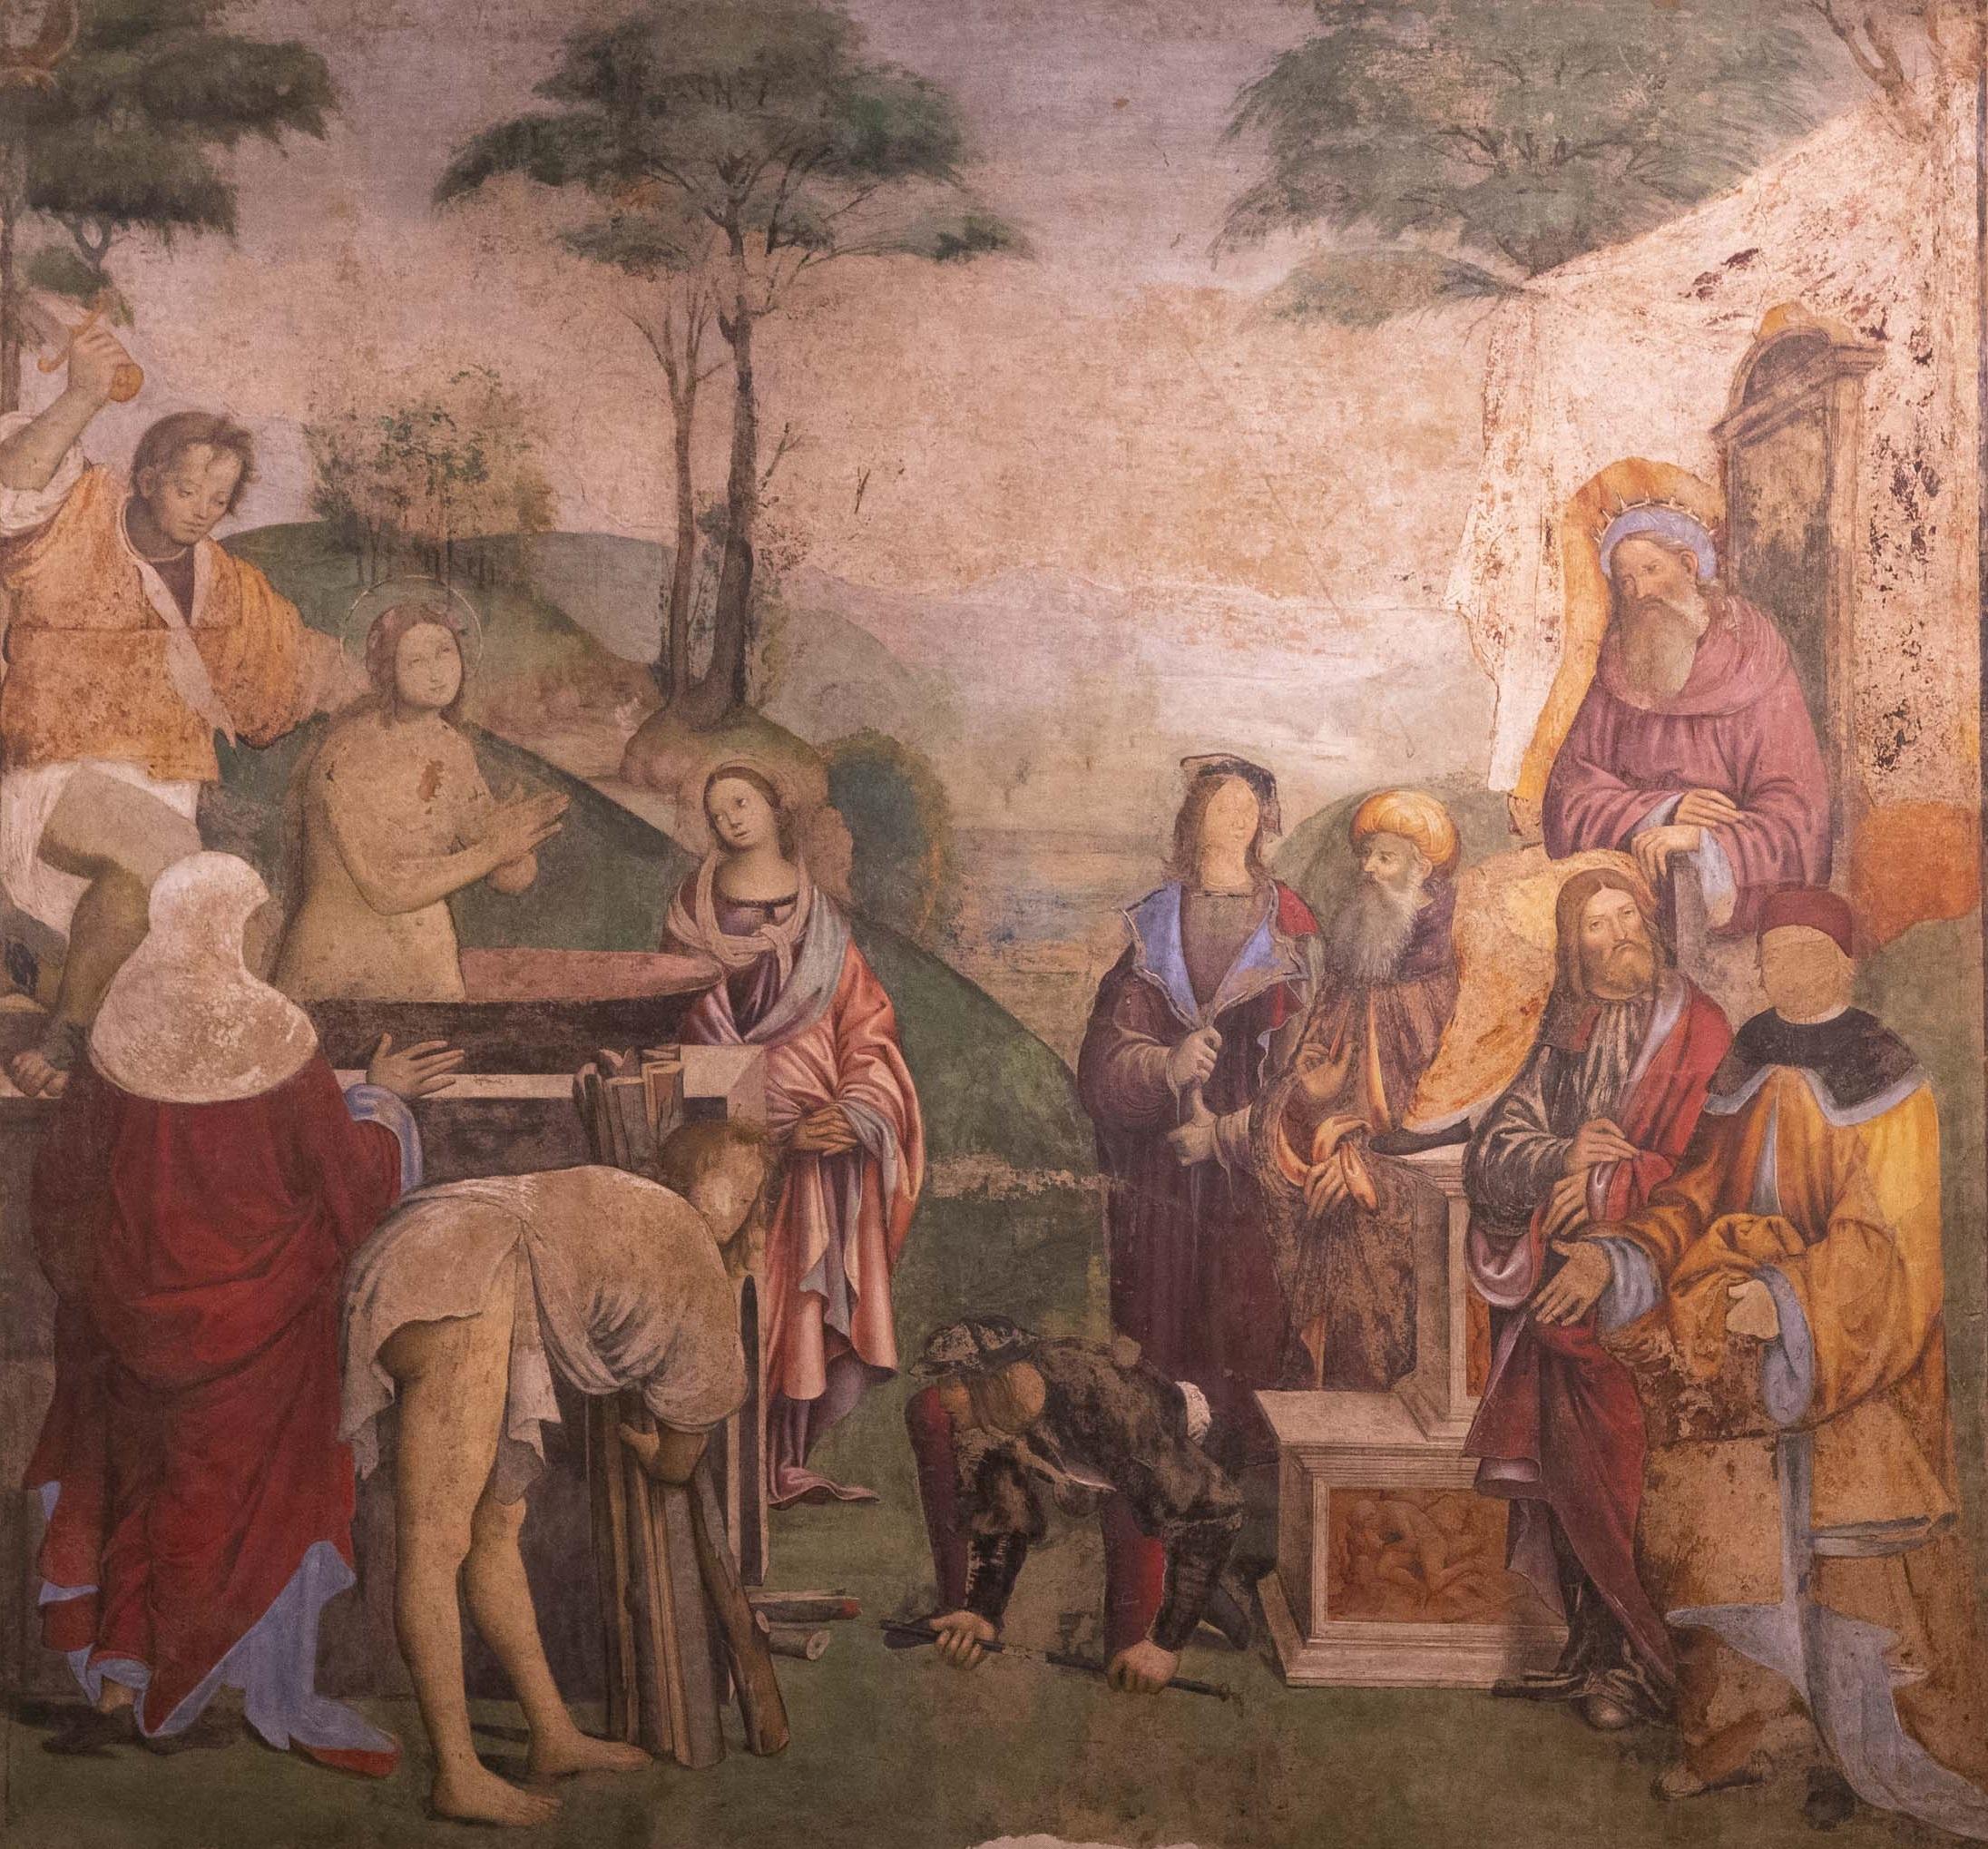 Amico Aspertini e altri, Martirio di Santa Cecilia, 1505-1506, Oratorio di Santa Cecilia, Bologna